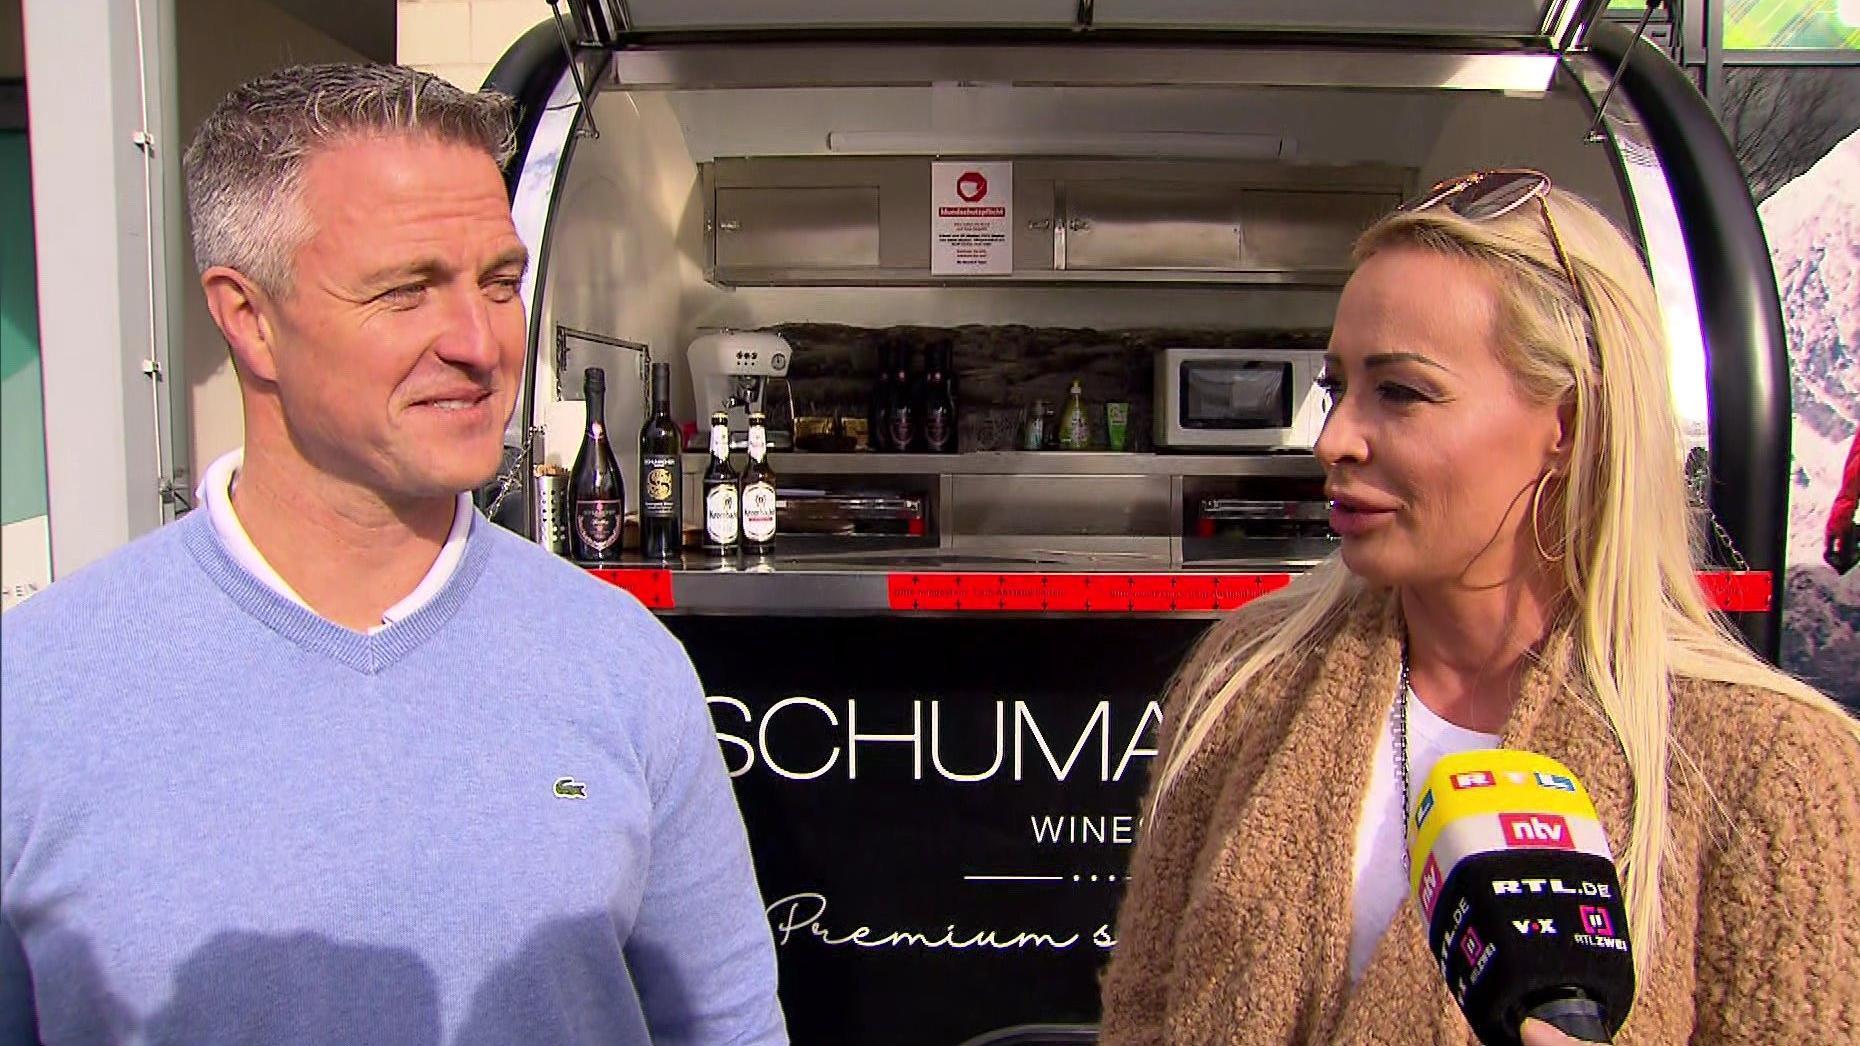 Ralf & Cora Schumacher: Wieder ein Paar? Darum verstehen sie sich plötzlich so gut - RTL Online